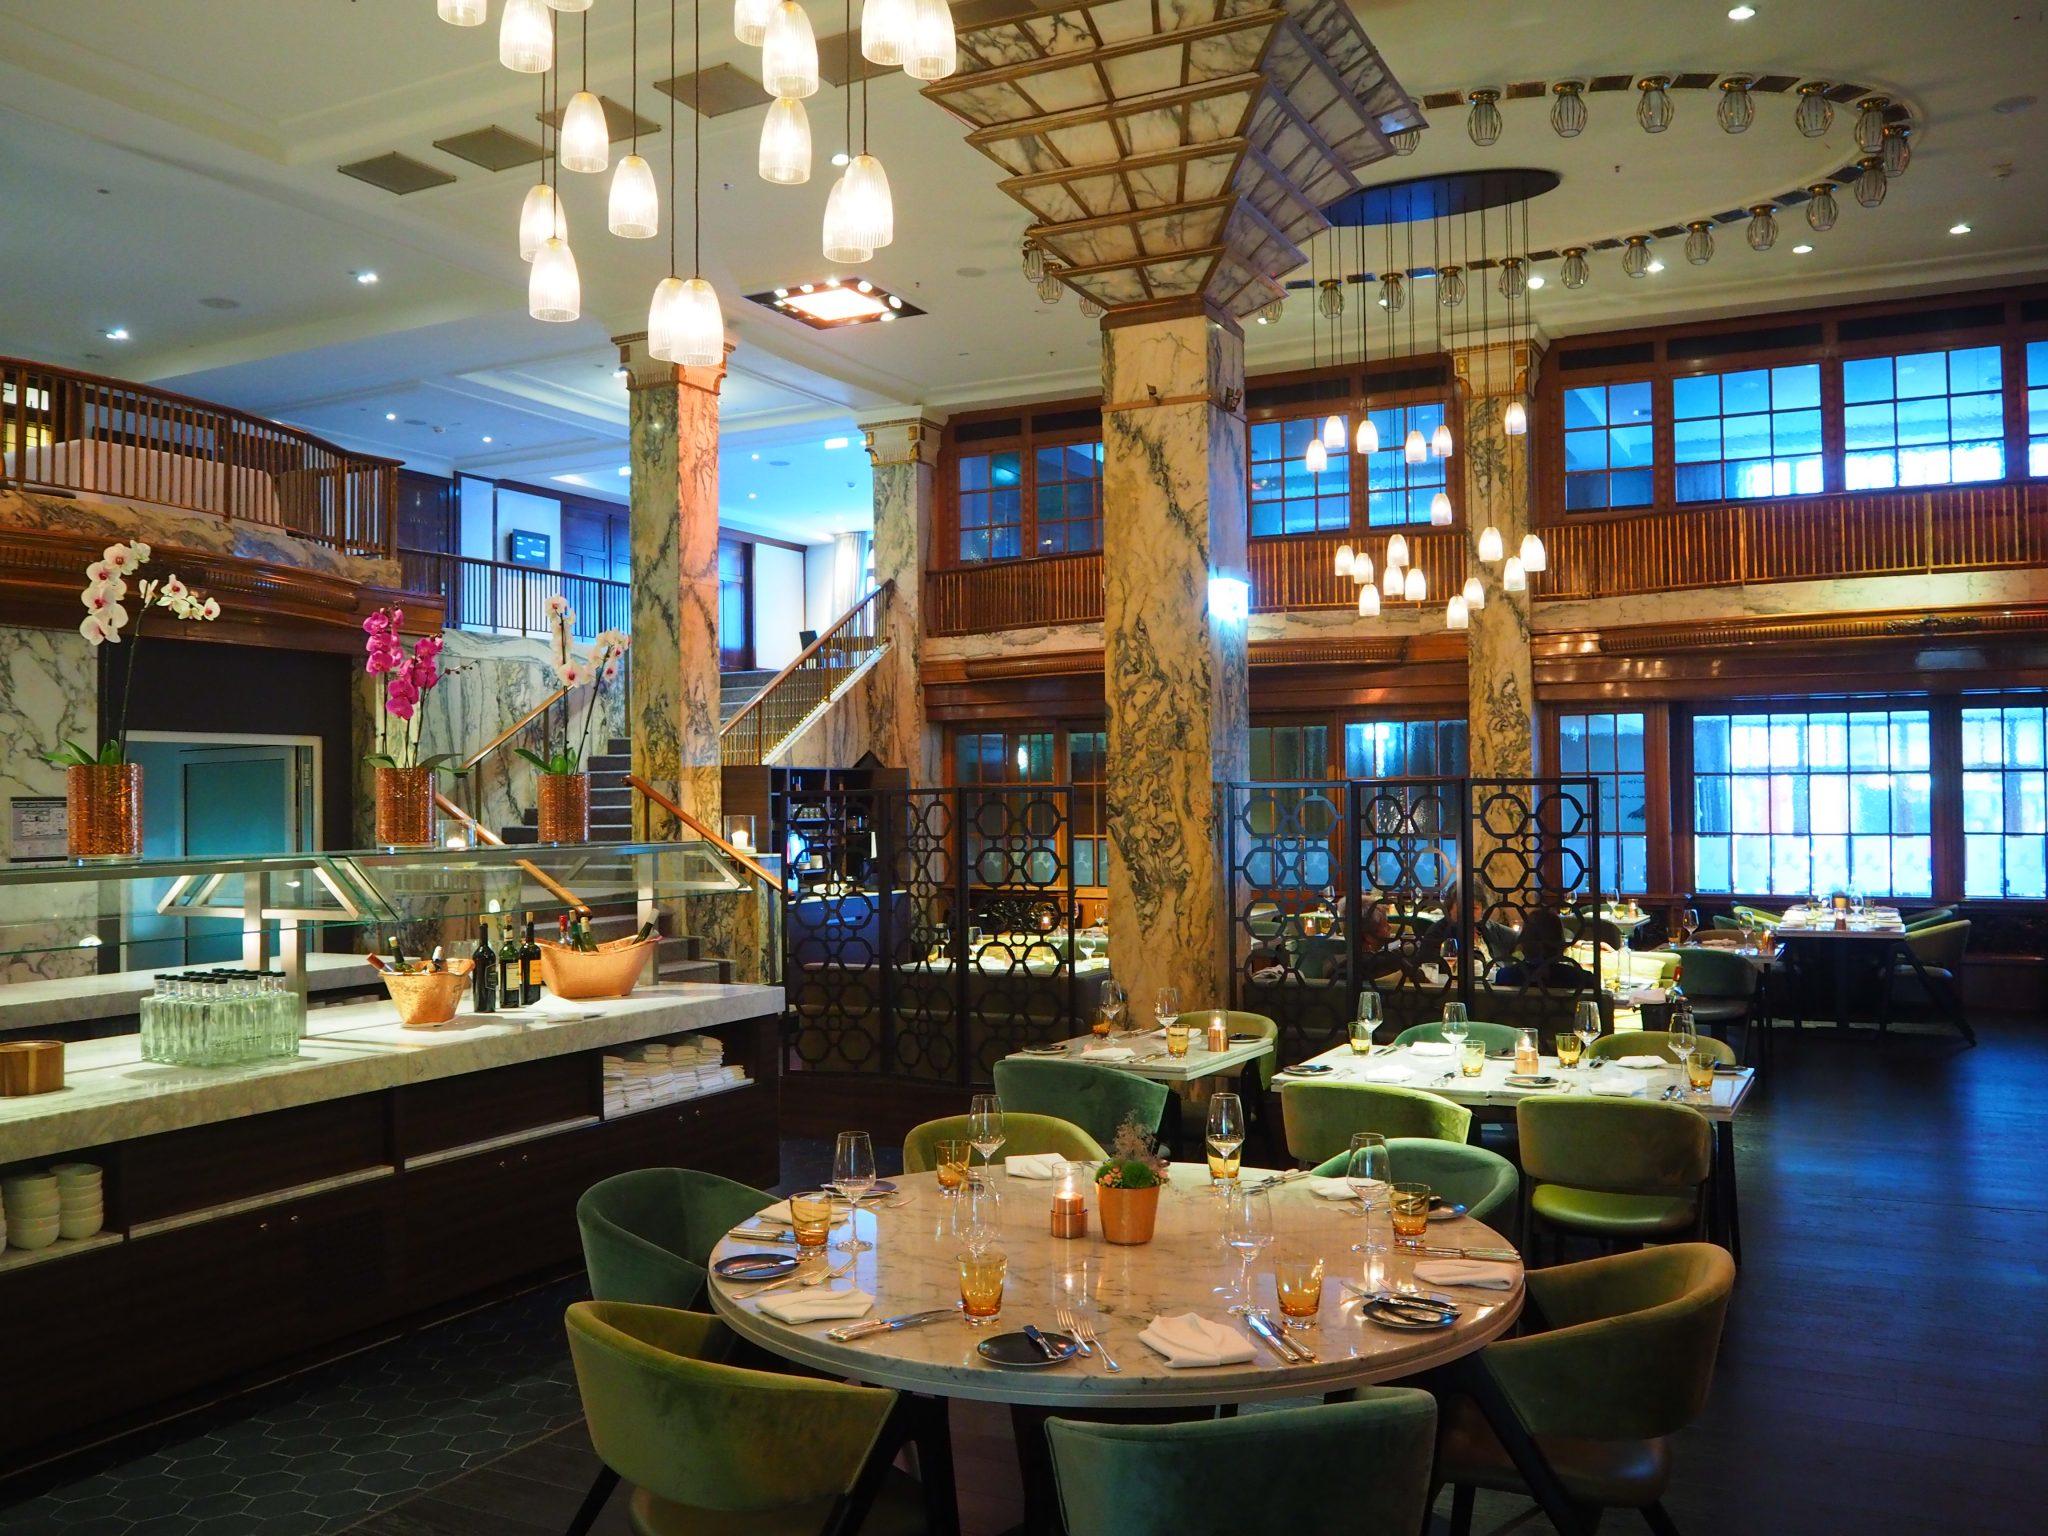 Stadt Restaurant - Reichshof Hamburg, Curio Collection by Hilton